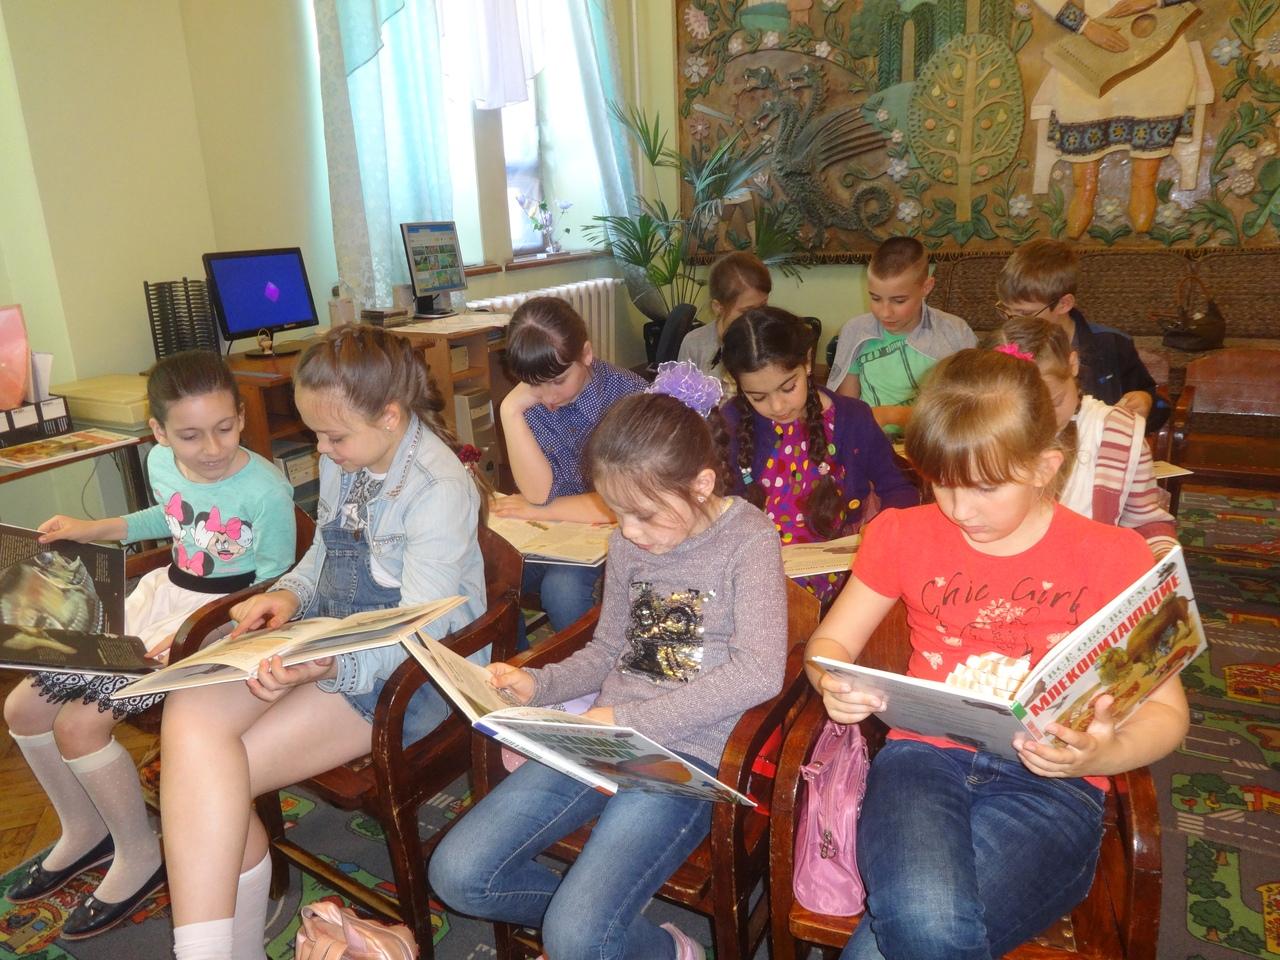 летние каникулы, день открытых дверей в библиотеке, отдел обслуживания дошкольников и учащихся 1-4 классов, донецкая республиканская библиотека для детей